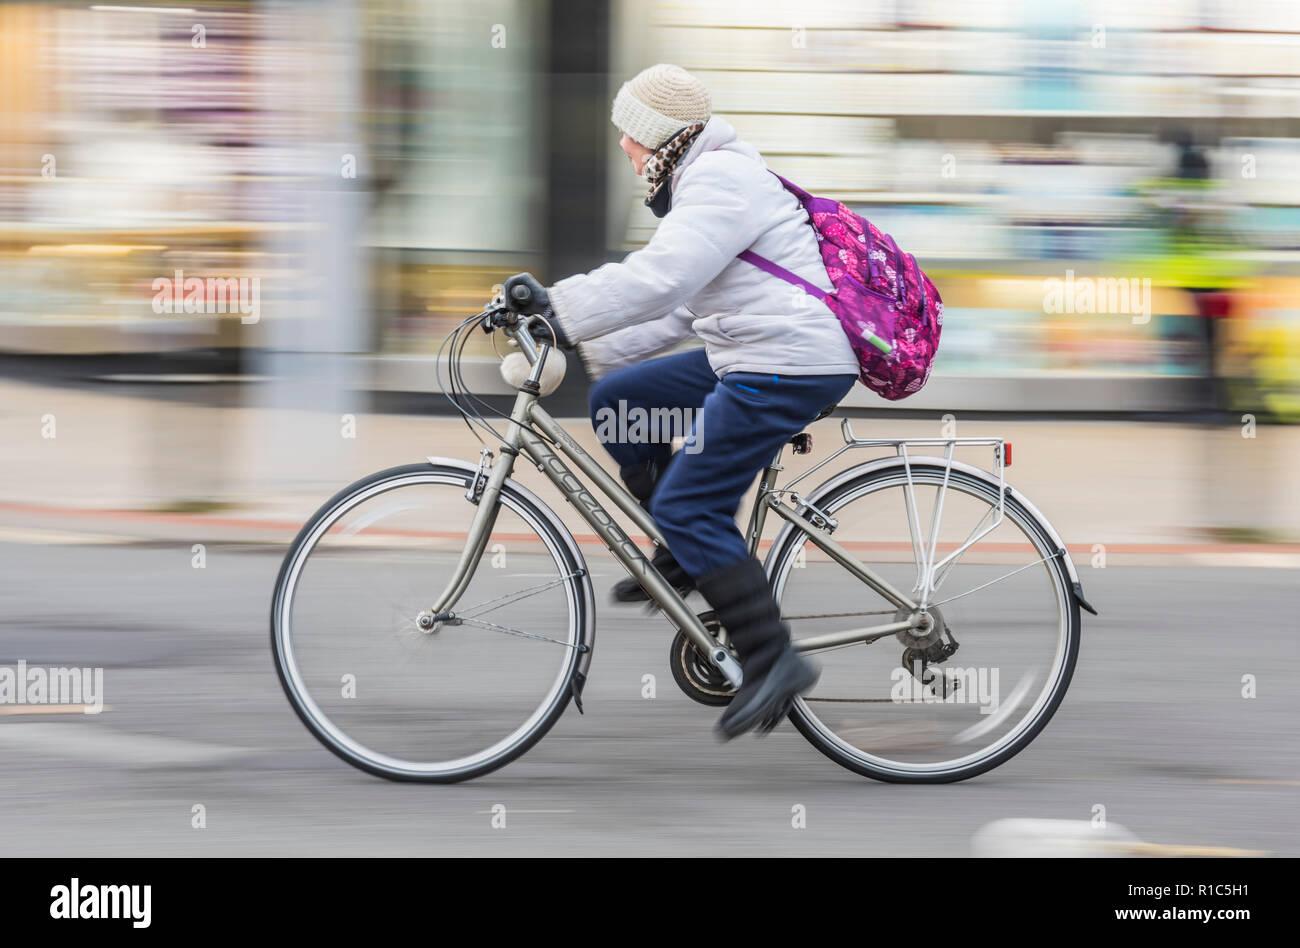 Vista laterale della donna di mezza età in sella ad una bicicletta Ridgeback indossando hat, umettare & zaino, mostrando il motion blur, UK. Ciclismo femminile. Ciclista femmina. Immagini Stock